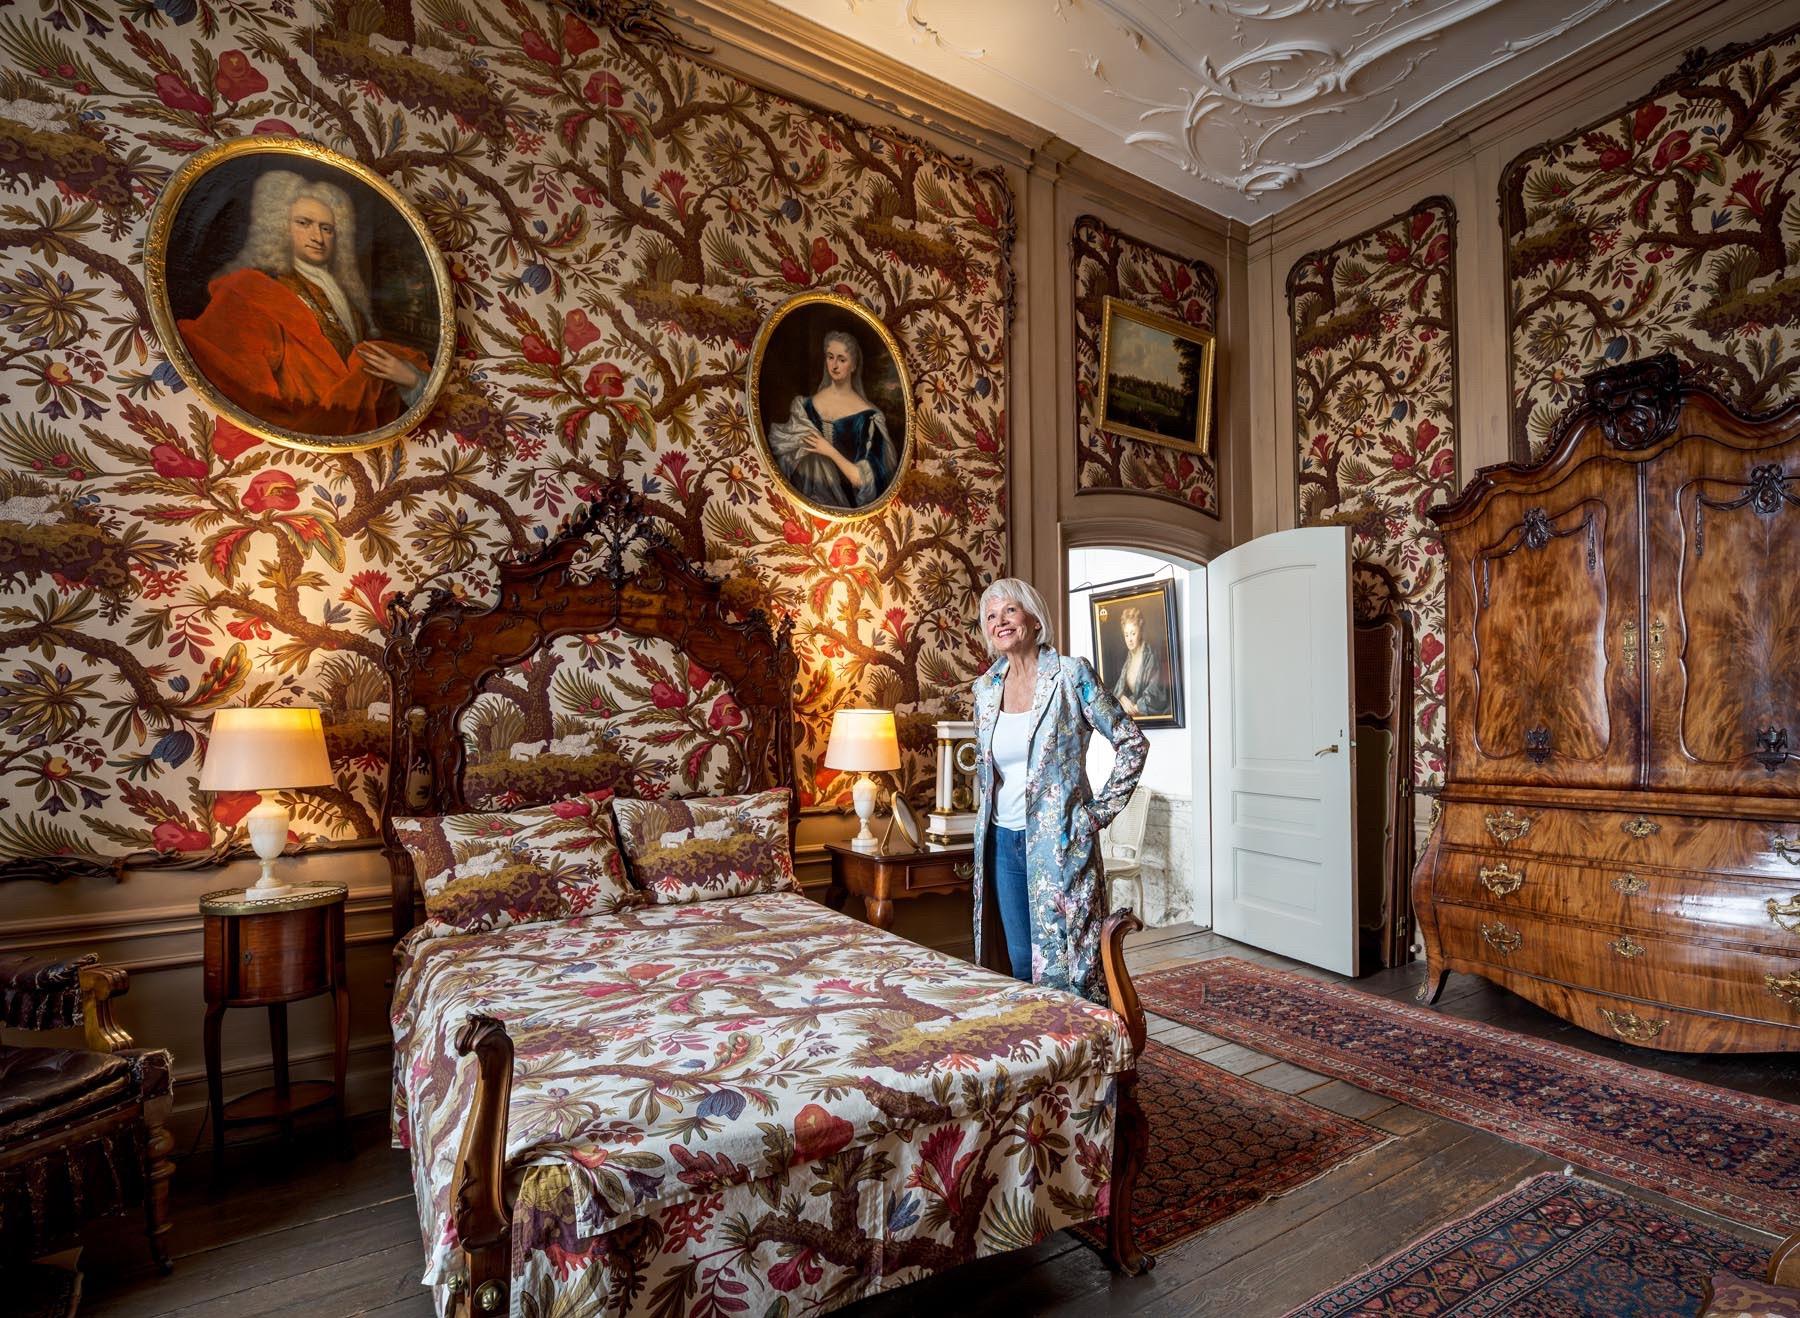 Visnapuu Amsterdam Sandra Museum van Loon Sheep Room 2crop.jpg